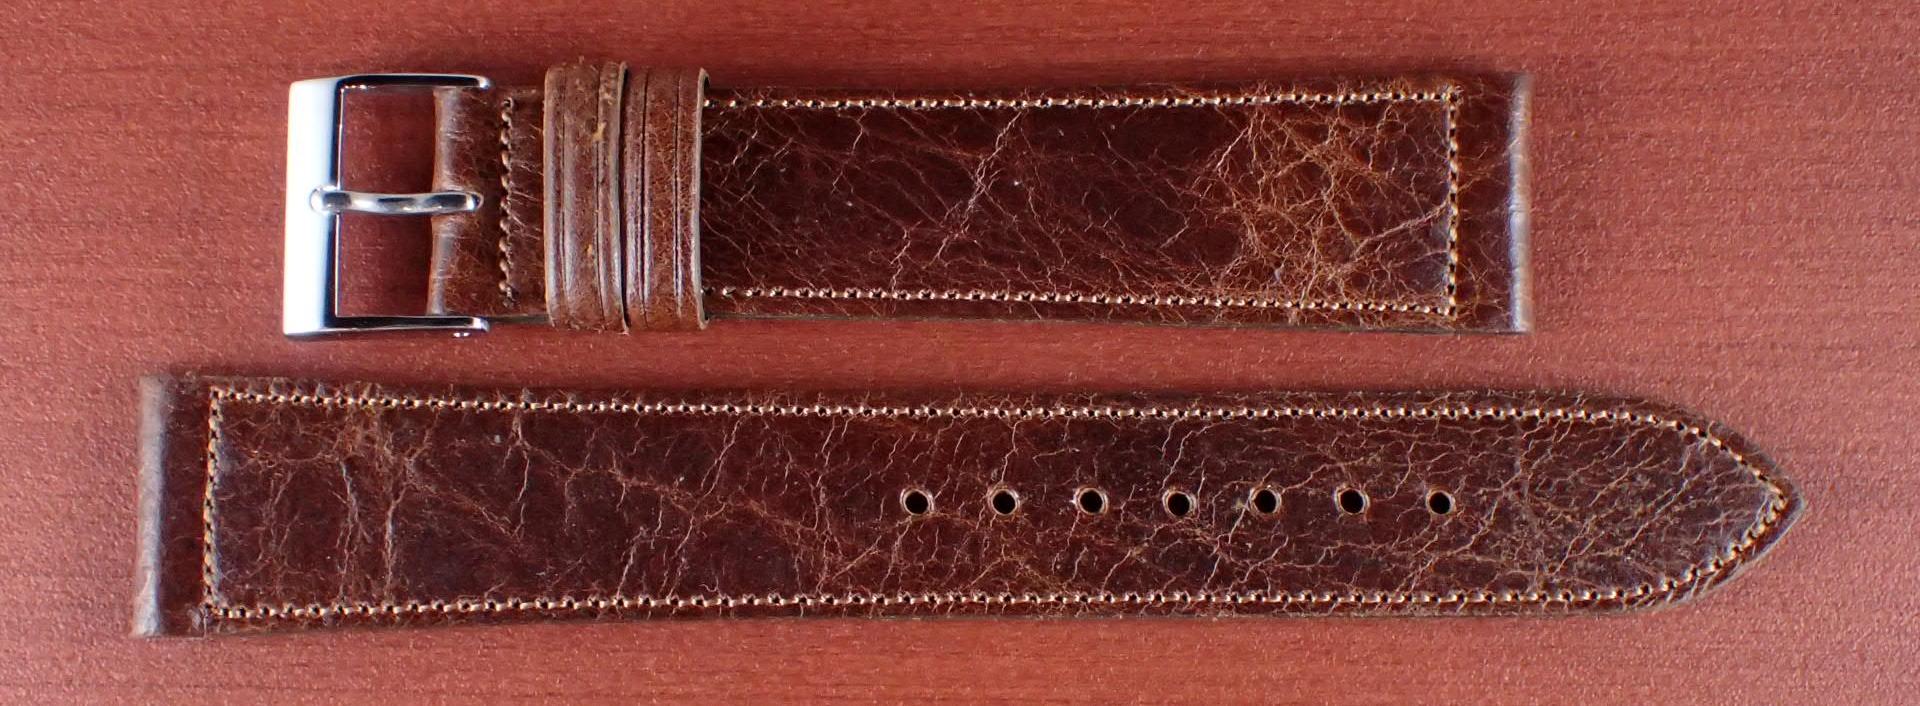 ヴィンテージレザー 牛革ベルト ブラウン 16mm